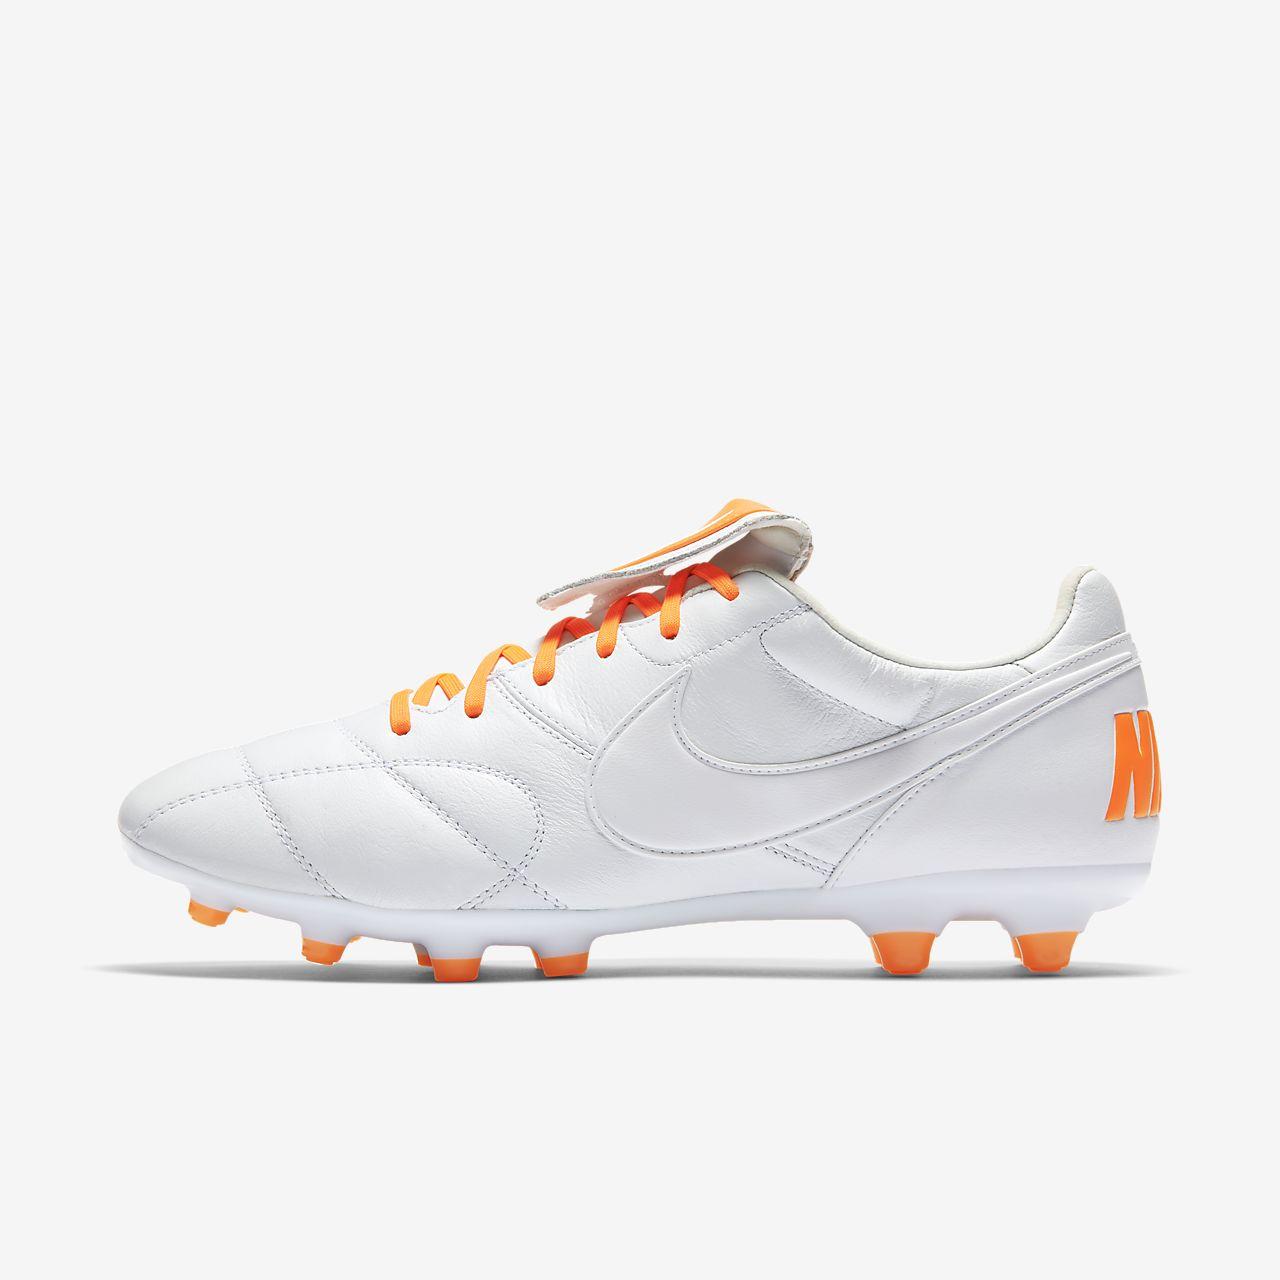 Kopačka na pevný povrch Nike Premier II FG